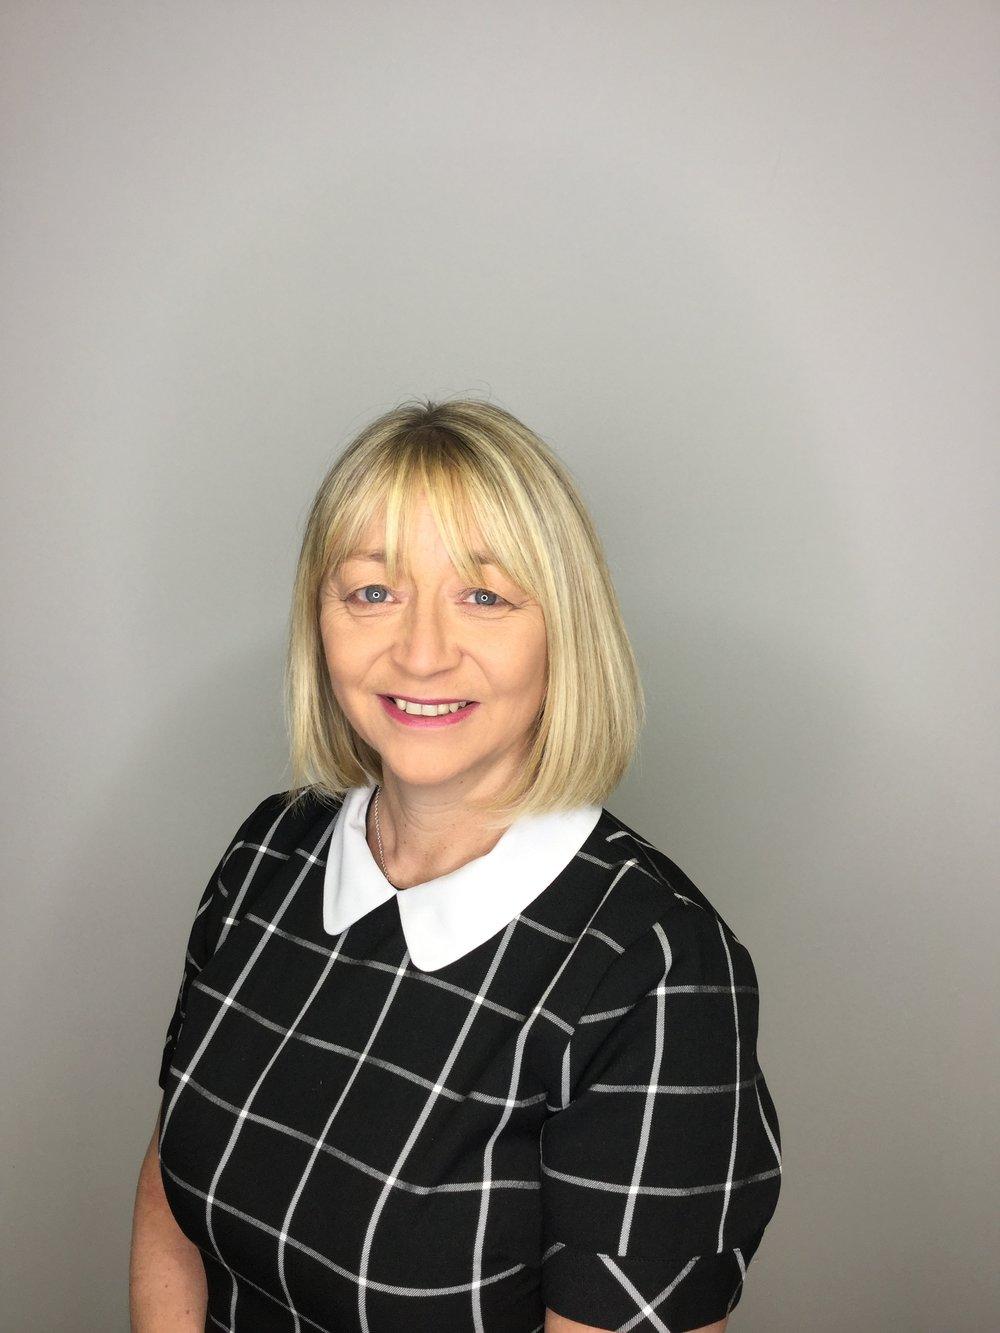 Sarah Lamont - Accounts Manager